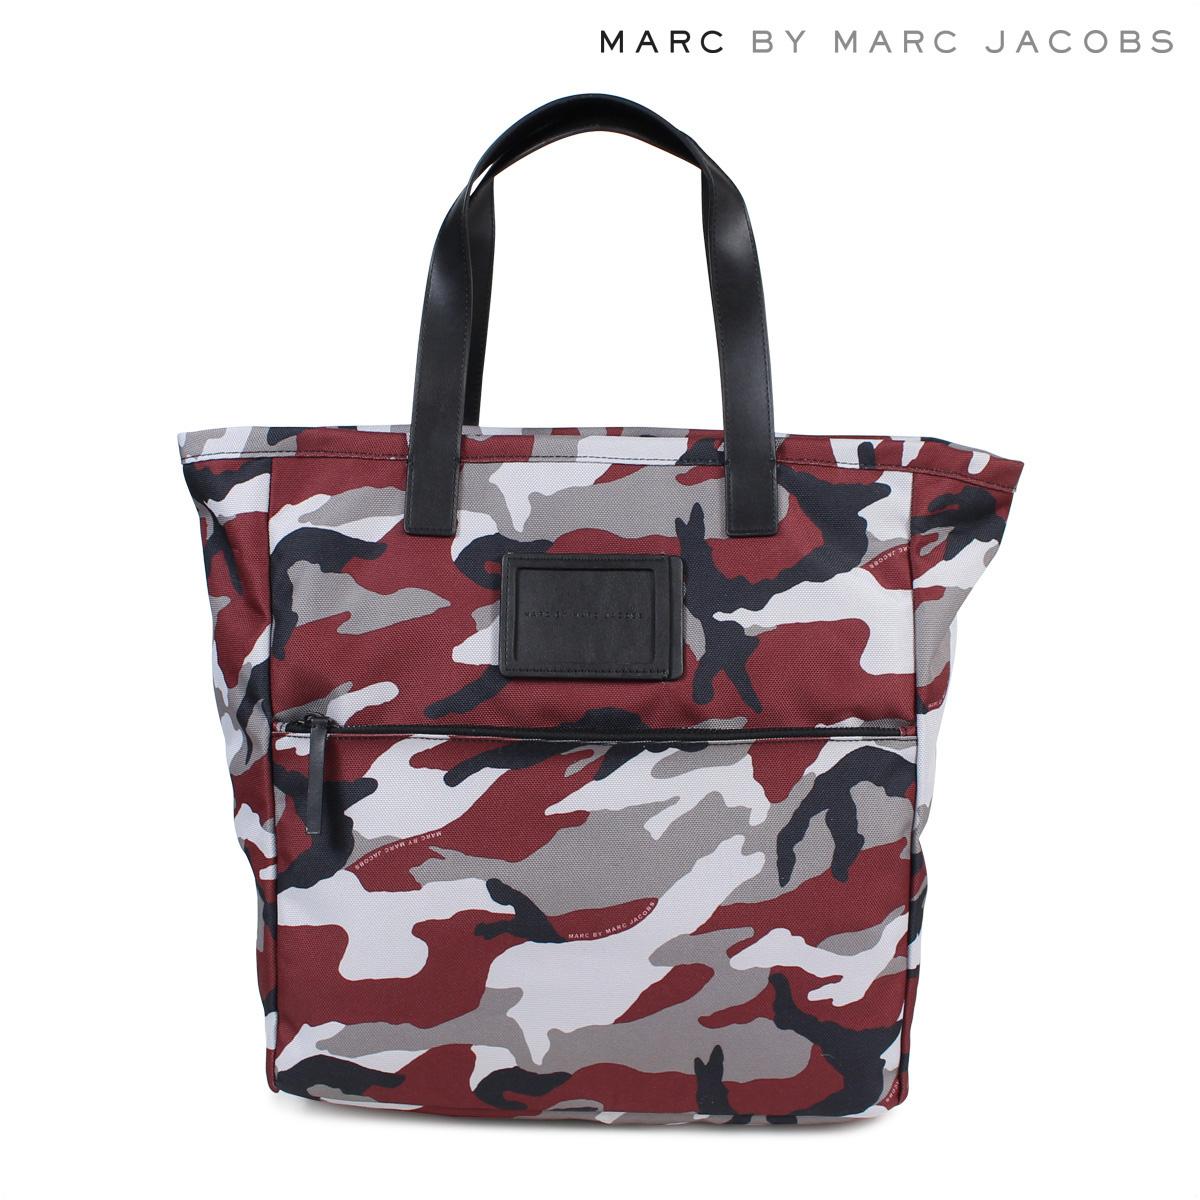 マークバイマークジェイコブス MARC BY MARC JACOBS バッグ トートバッグ レディース CAMO NYLON TOTE ワインレッド M0003918